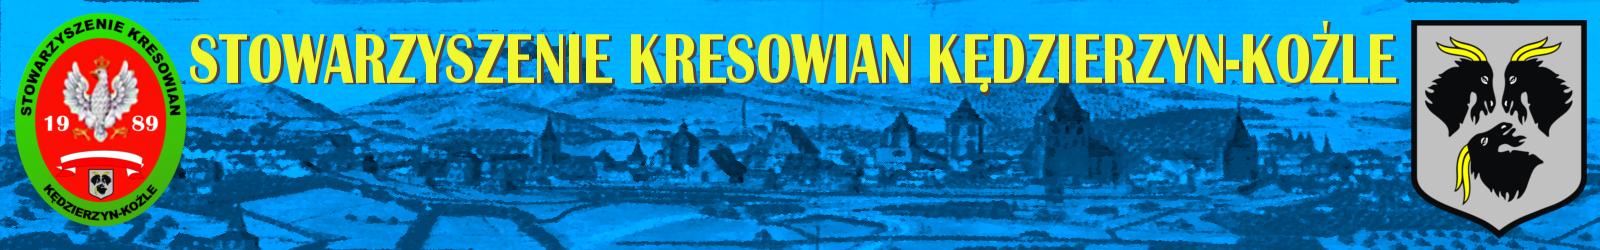 Stowarzyszenie Kresowian w Kędzierzynie - Koźlu